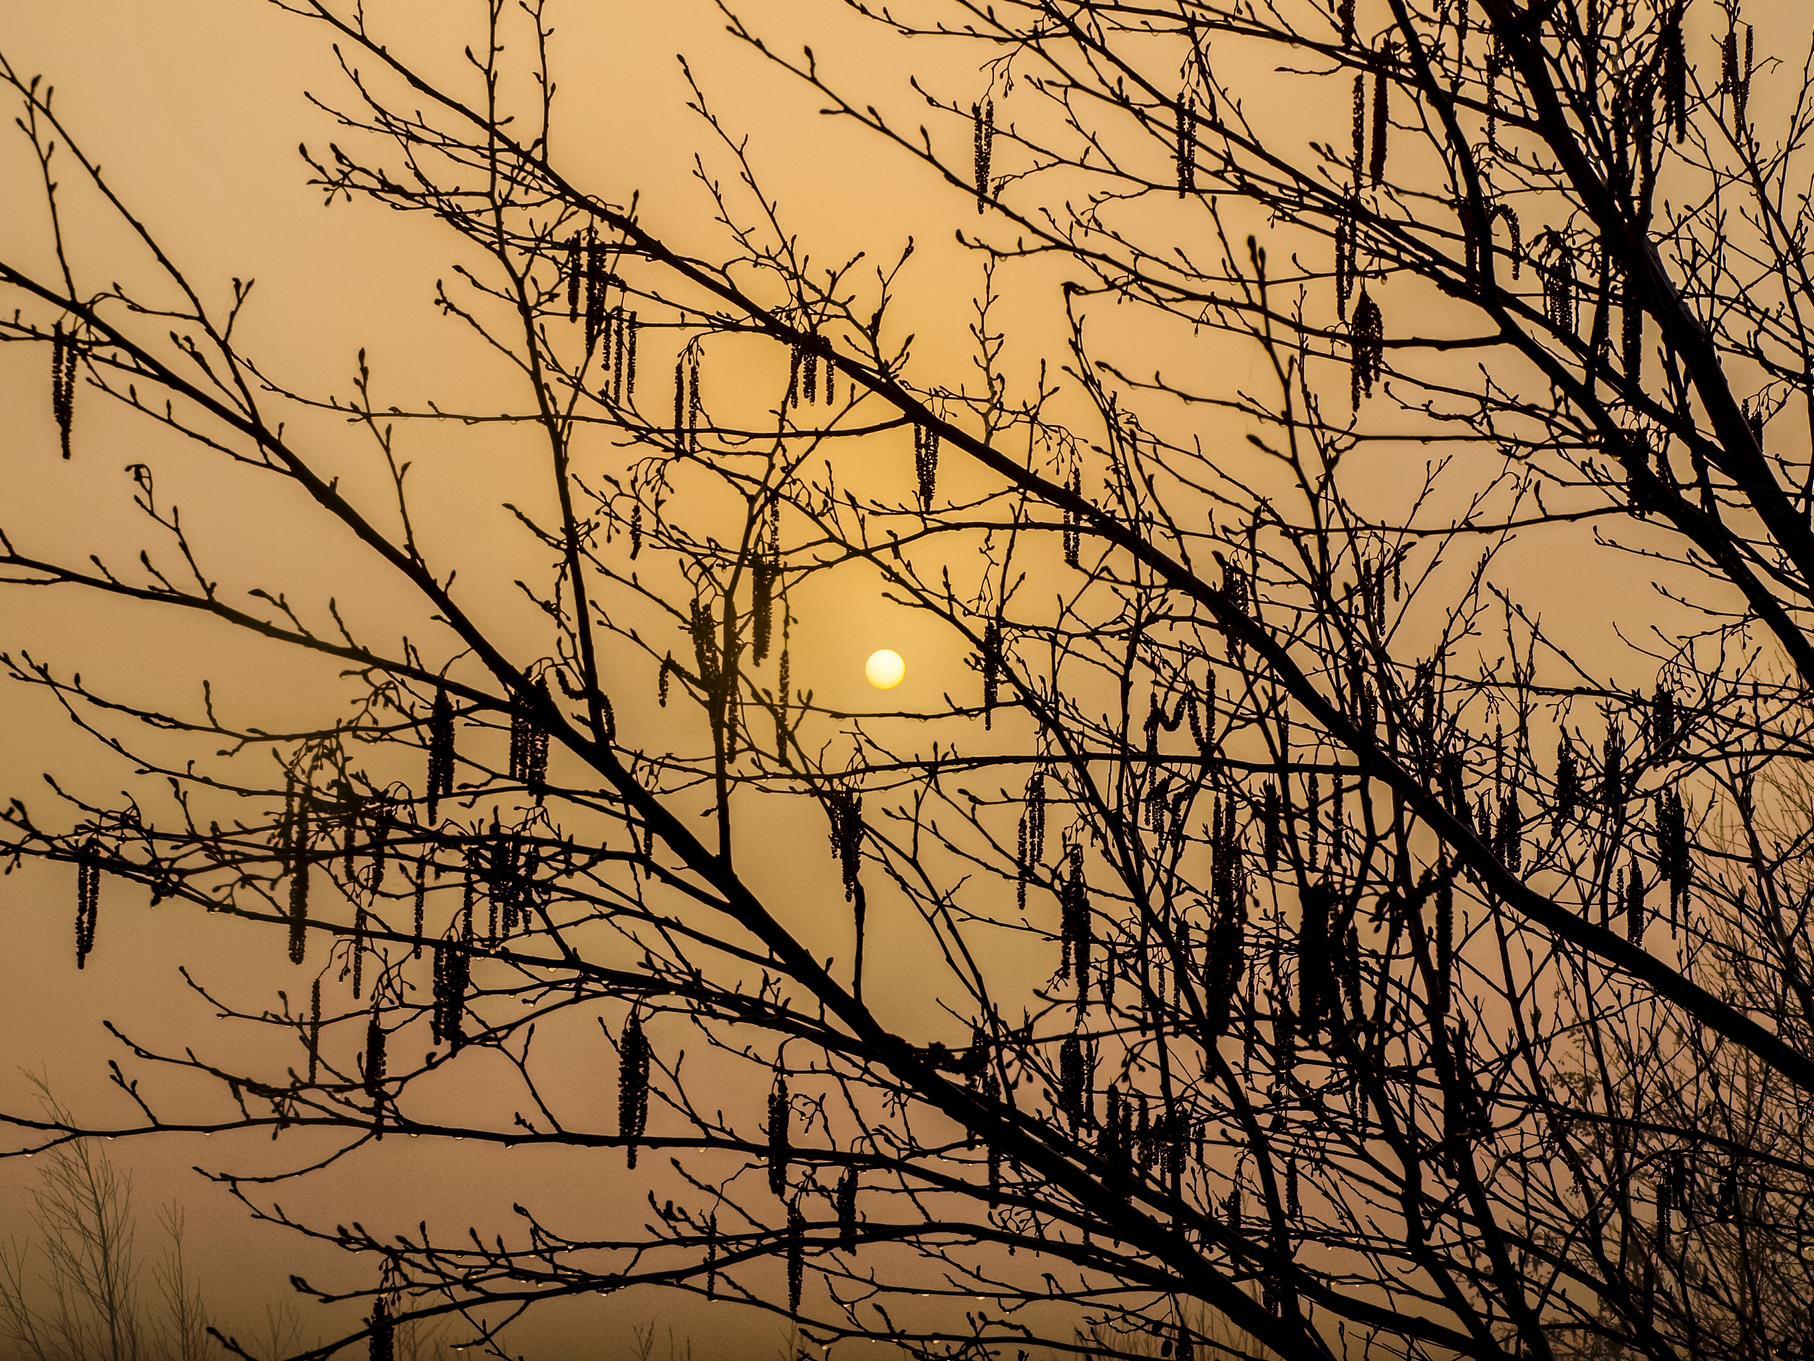 Weidenzweige in der Morgensonne.